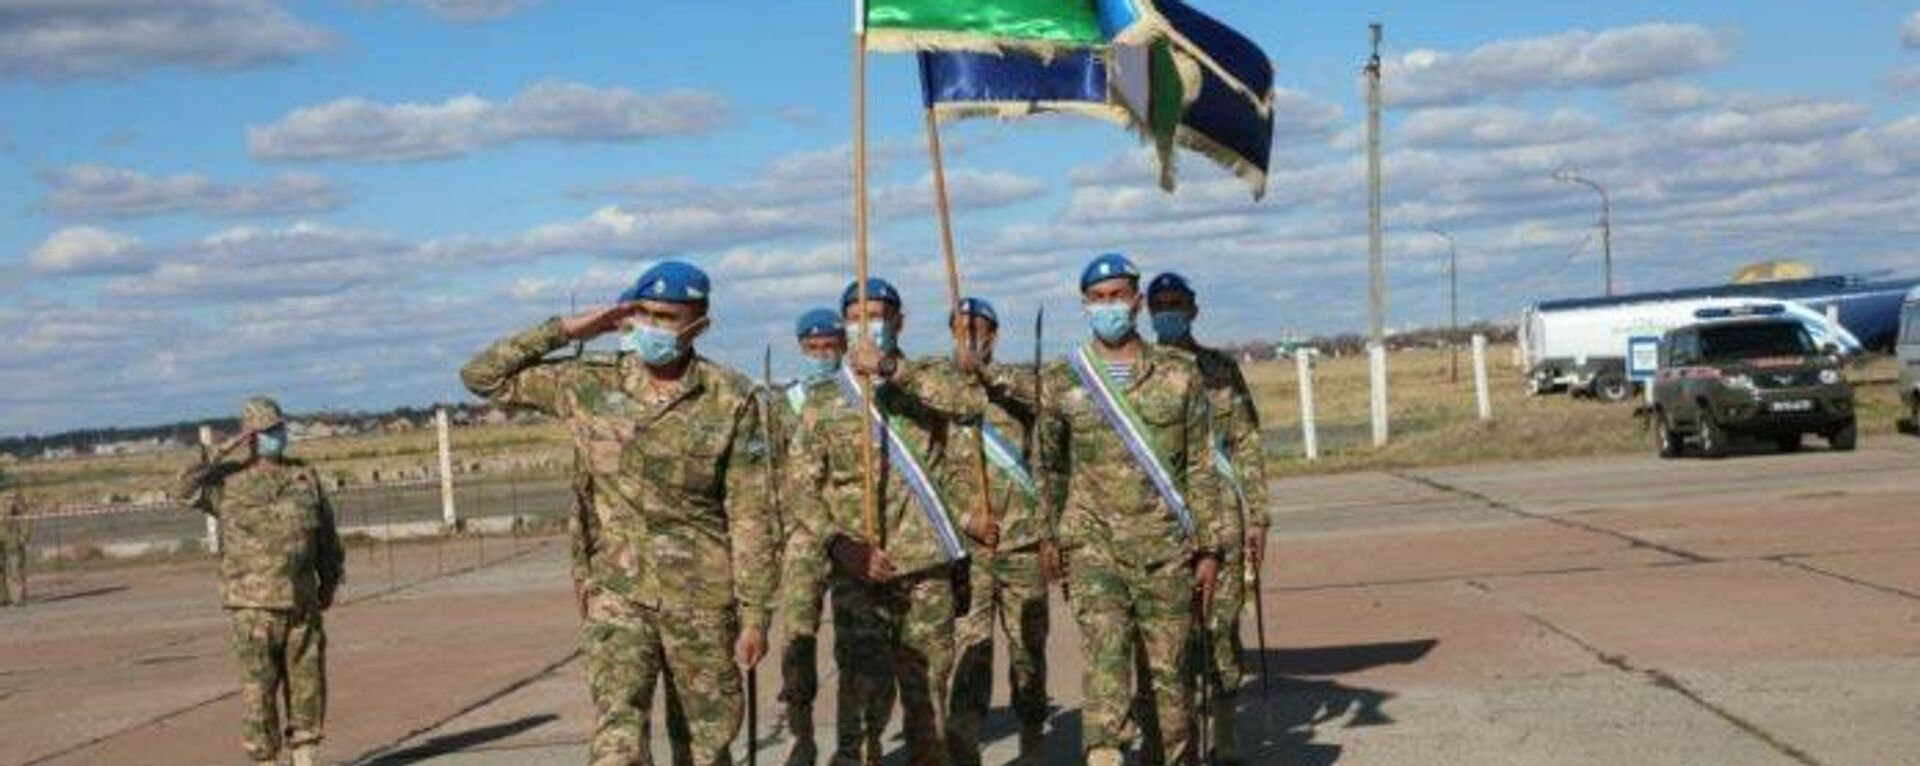 Военные Узбекистана прибыли на полигон Донгуз в Оренбуржской области на учения ШОС - Sputnik Узбекистан, 1920, 14.09.2021